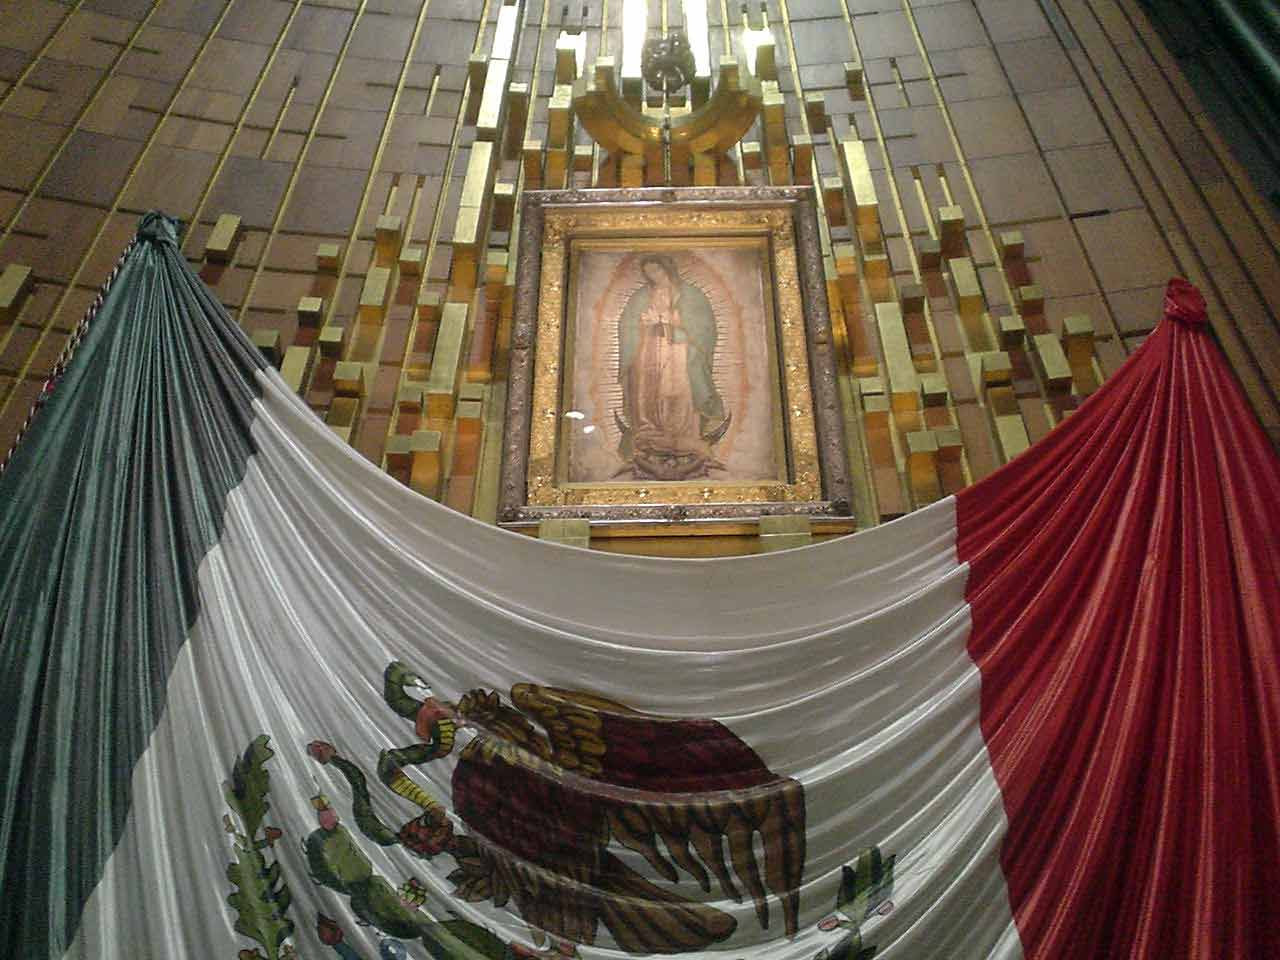 DOCUMENTALES - La Virgen de Guadalupe - Entre la ciencia y la fe